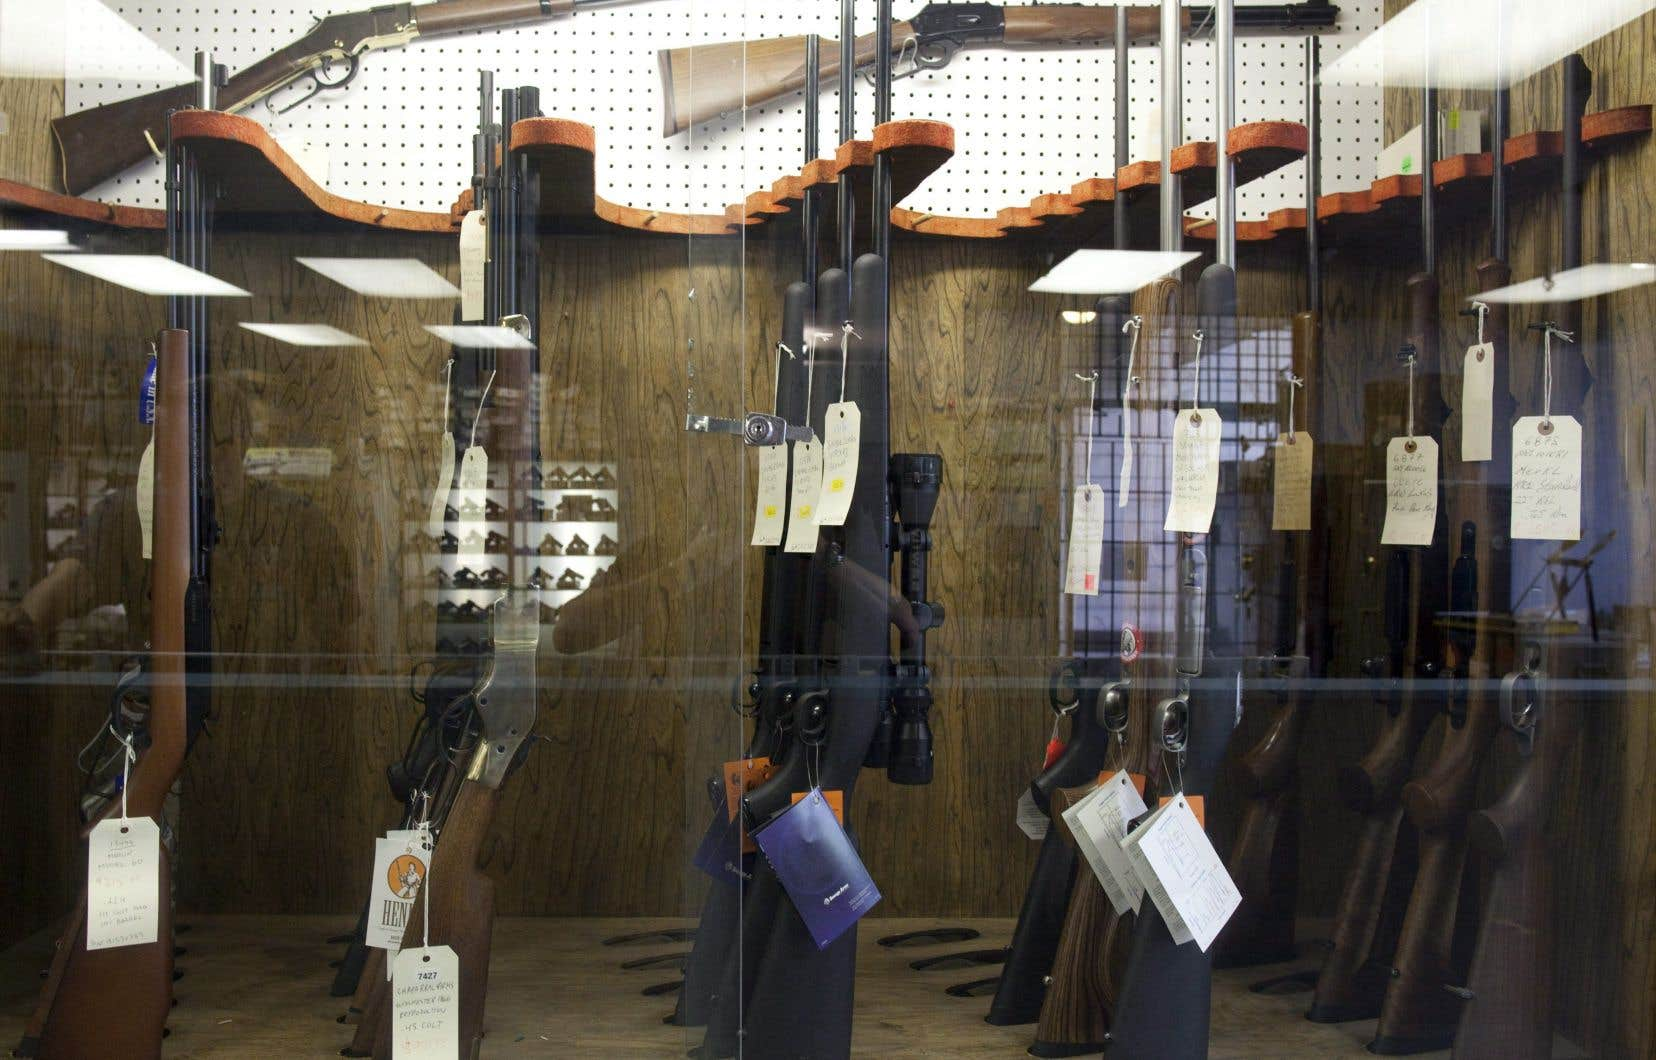 La législation canadienne classe les armes à feu en trois catégories. Les armes à feu prohibées et les armes à autorisation restreinte doivent être enregistrées auprès de la GRC. Au Québec, les armes d'épaule doivent être immatriculées.